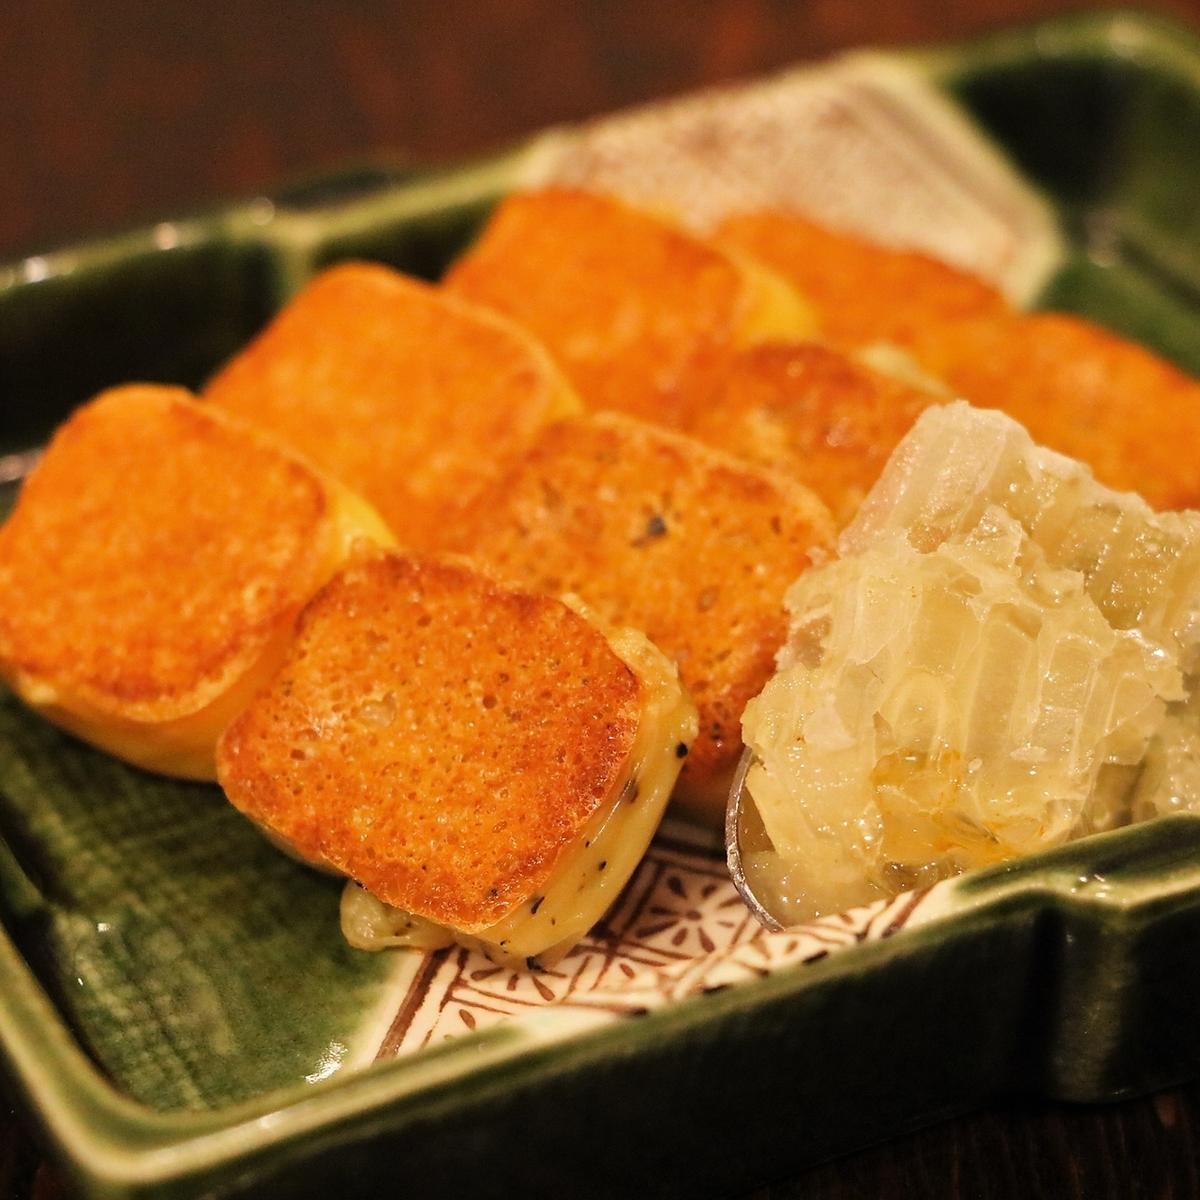 【オススメ】焼きチーズと巣蜜